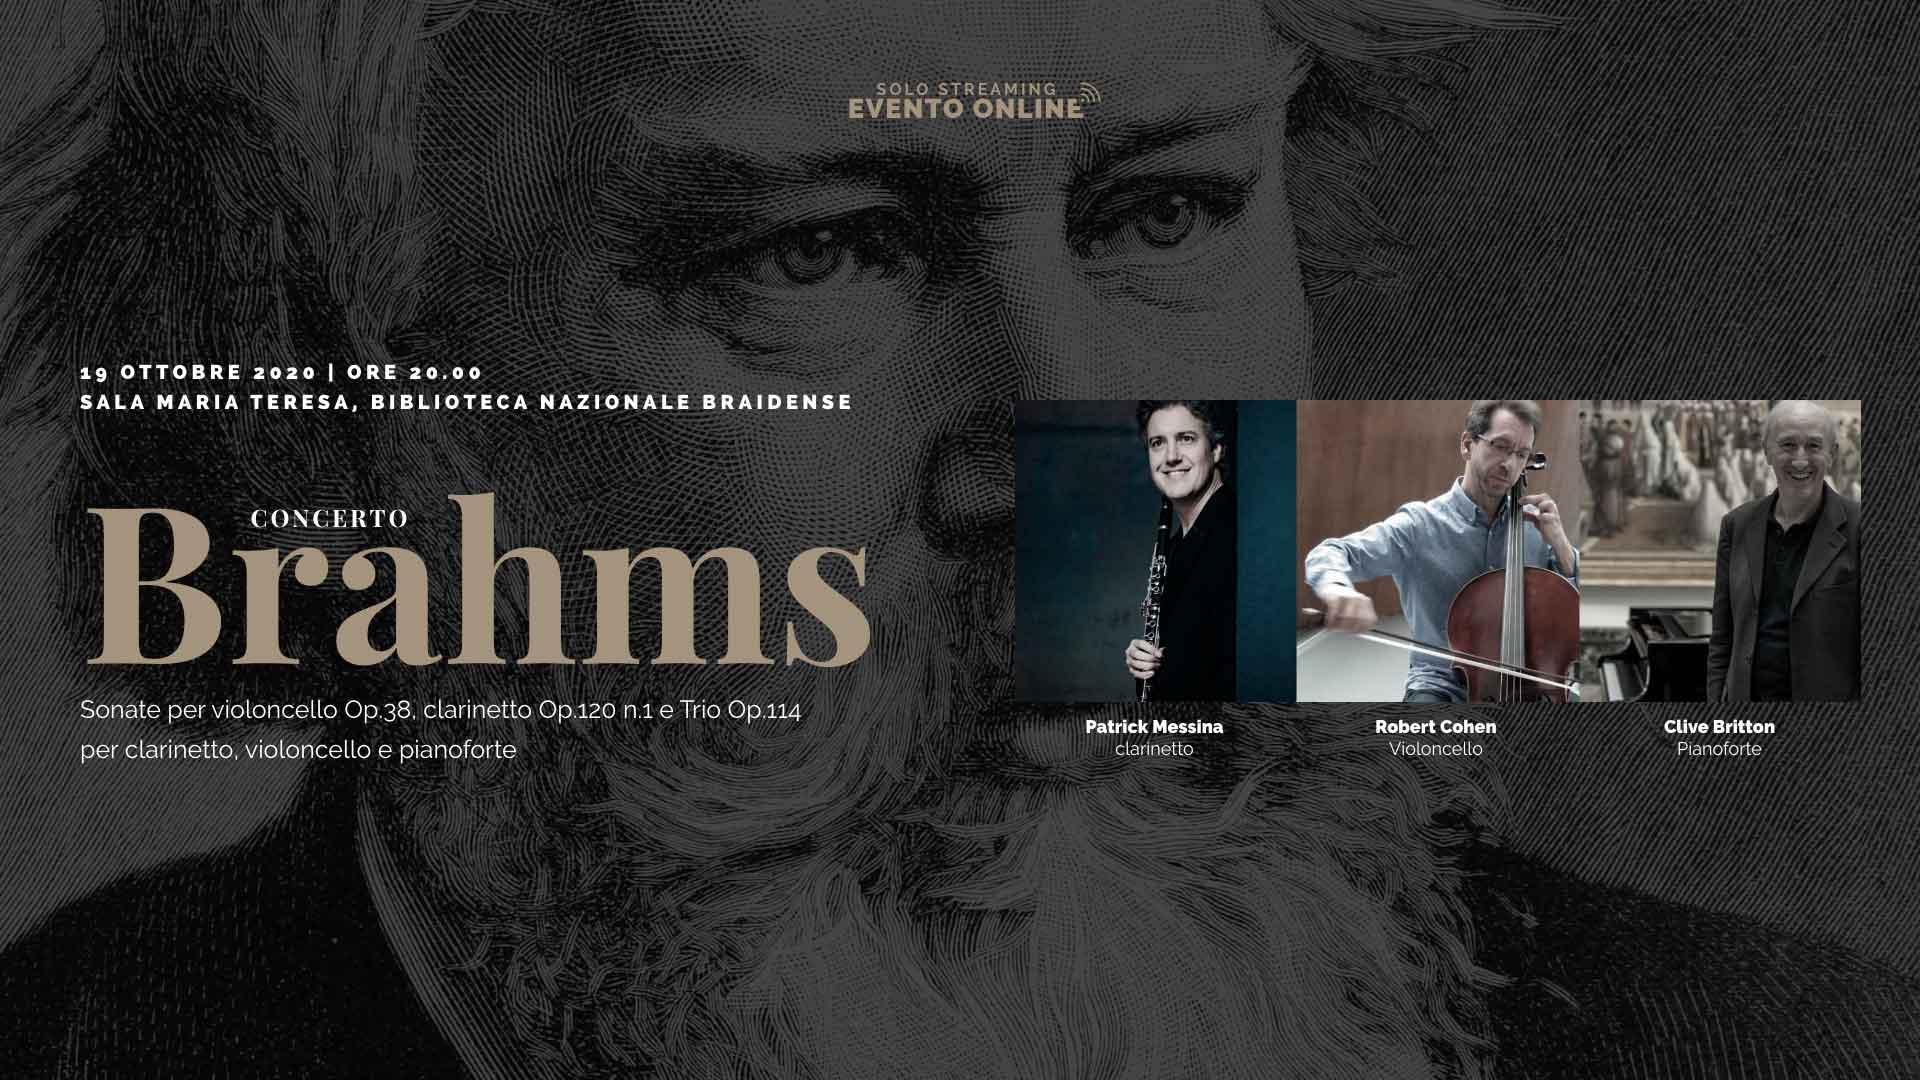 BreraPlus-Brahms-concerto-22-10-2020